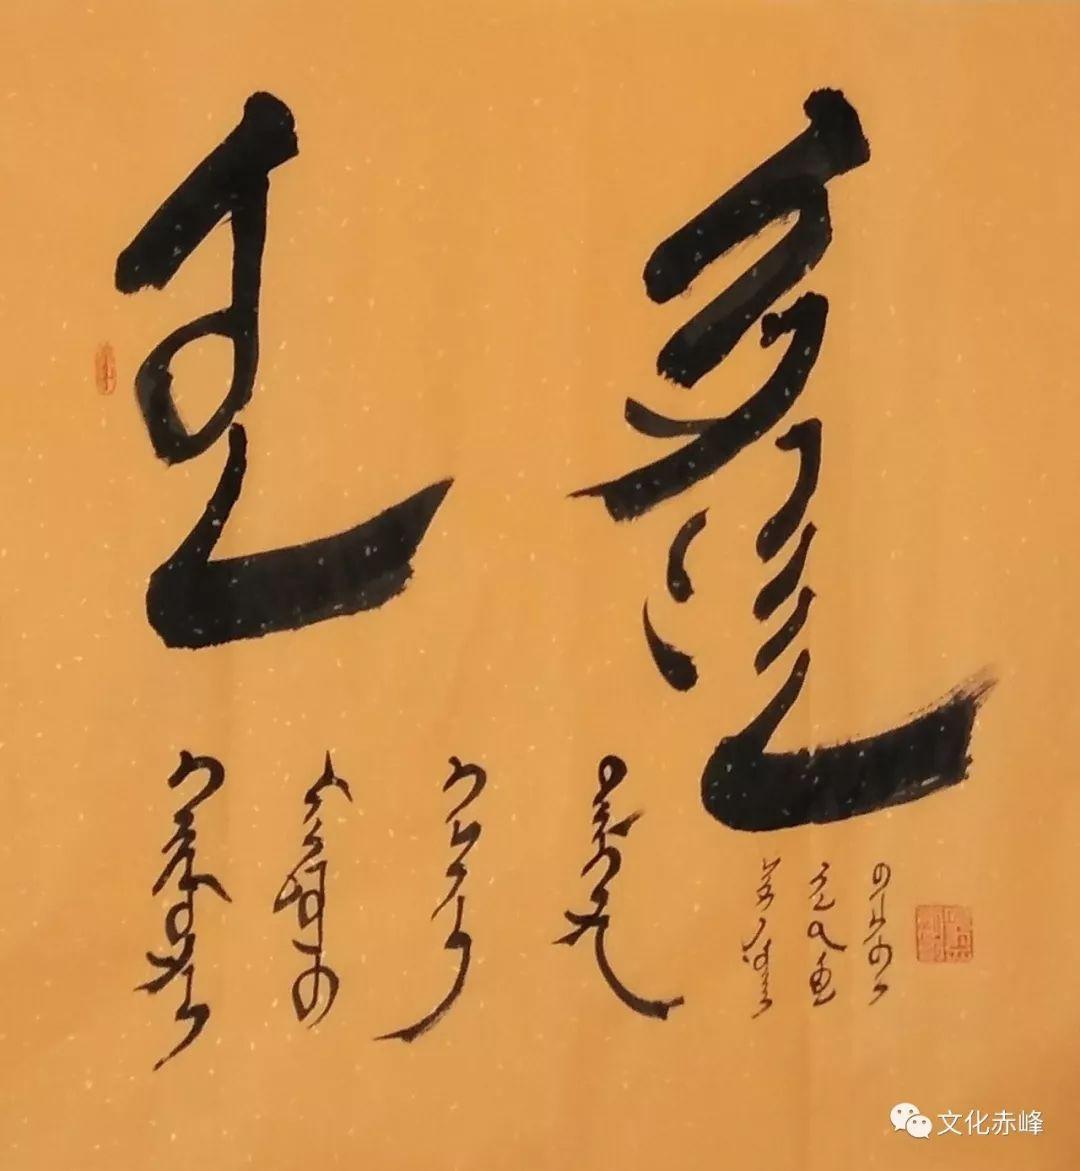 【文化赤峰】额尔敦巴图蒙古文书法作品欣赏! 第9张 【文化赤峰】额尔敦巴图蒙古文书法作品欣赏! 蒙古书法